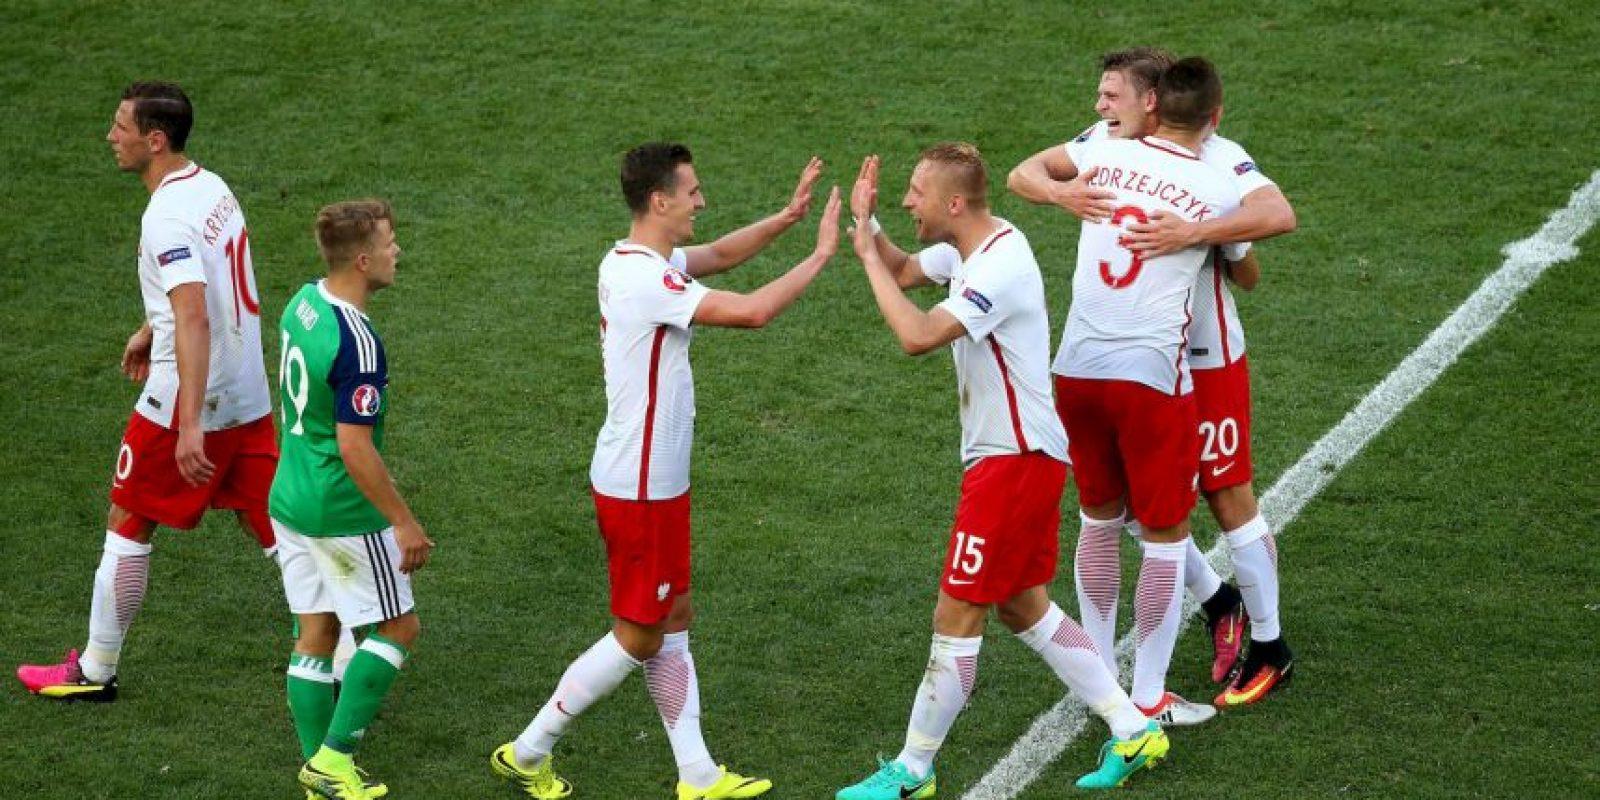 Sin embargo, ahora los polacos confían que aparezca Robert Lewandowski para sorprender al campeón del mundo Foto:Getty Images